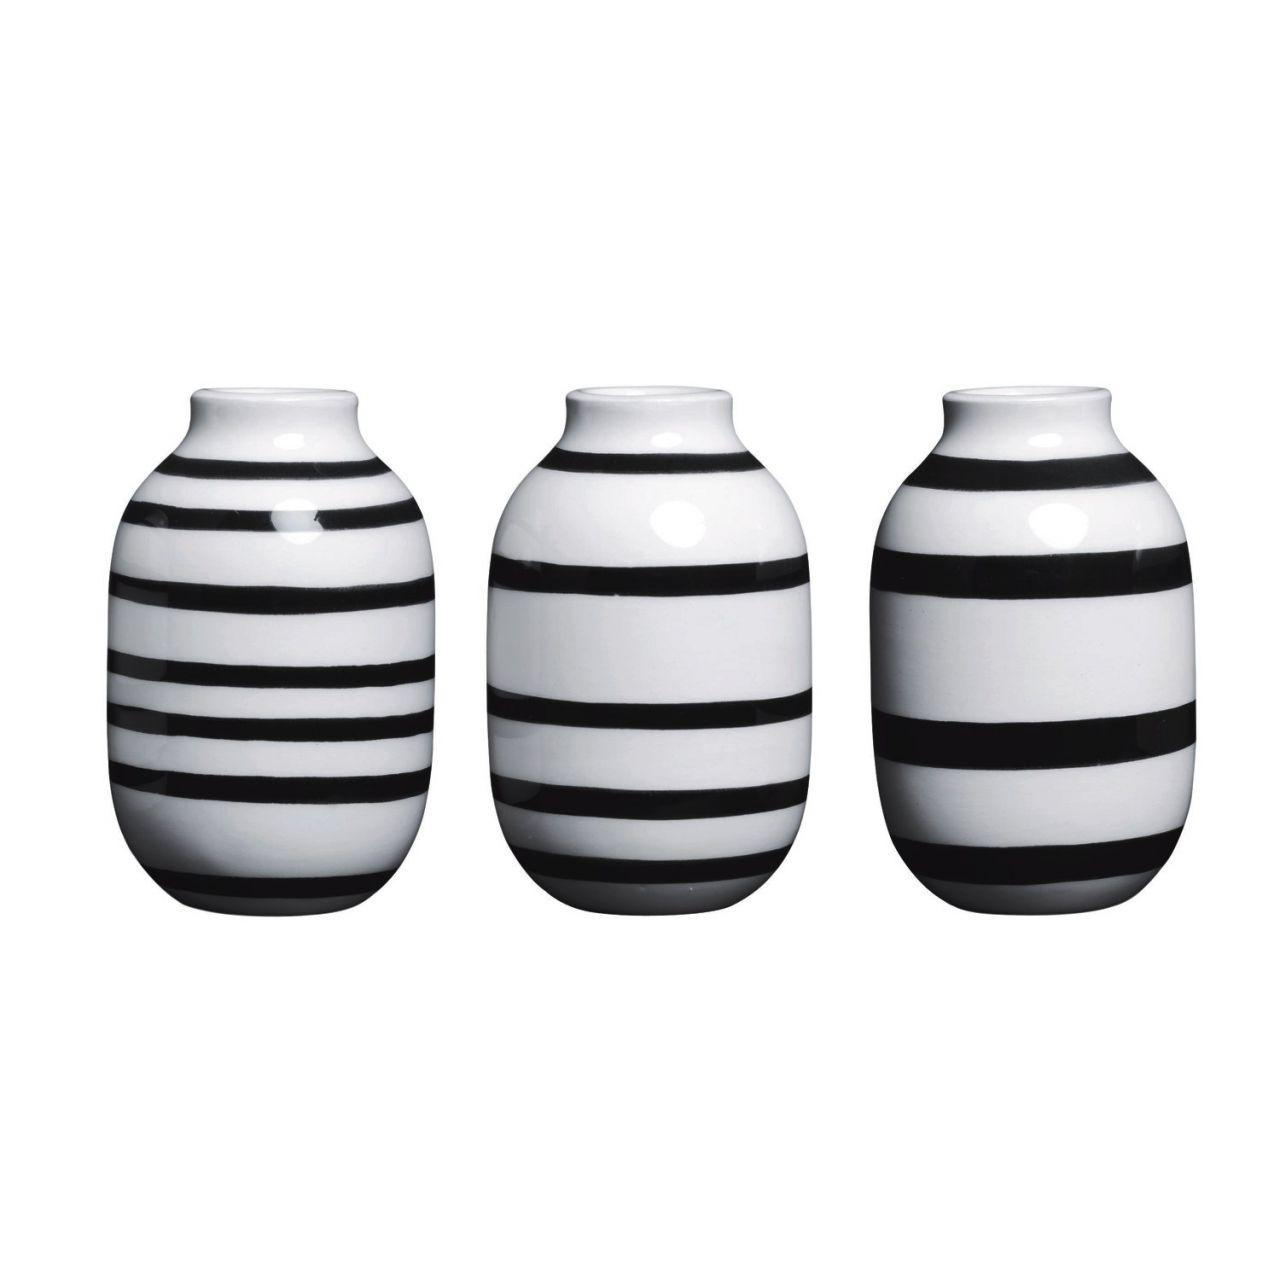 KÄHLER DESIGN Kähler - Omaggio Vase Mini (3 Stk.) 12800